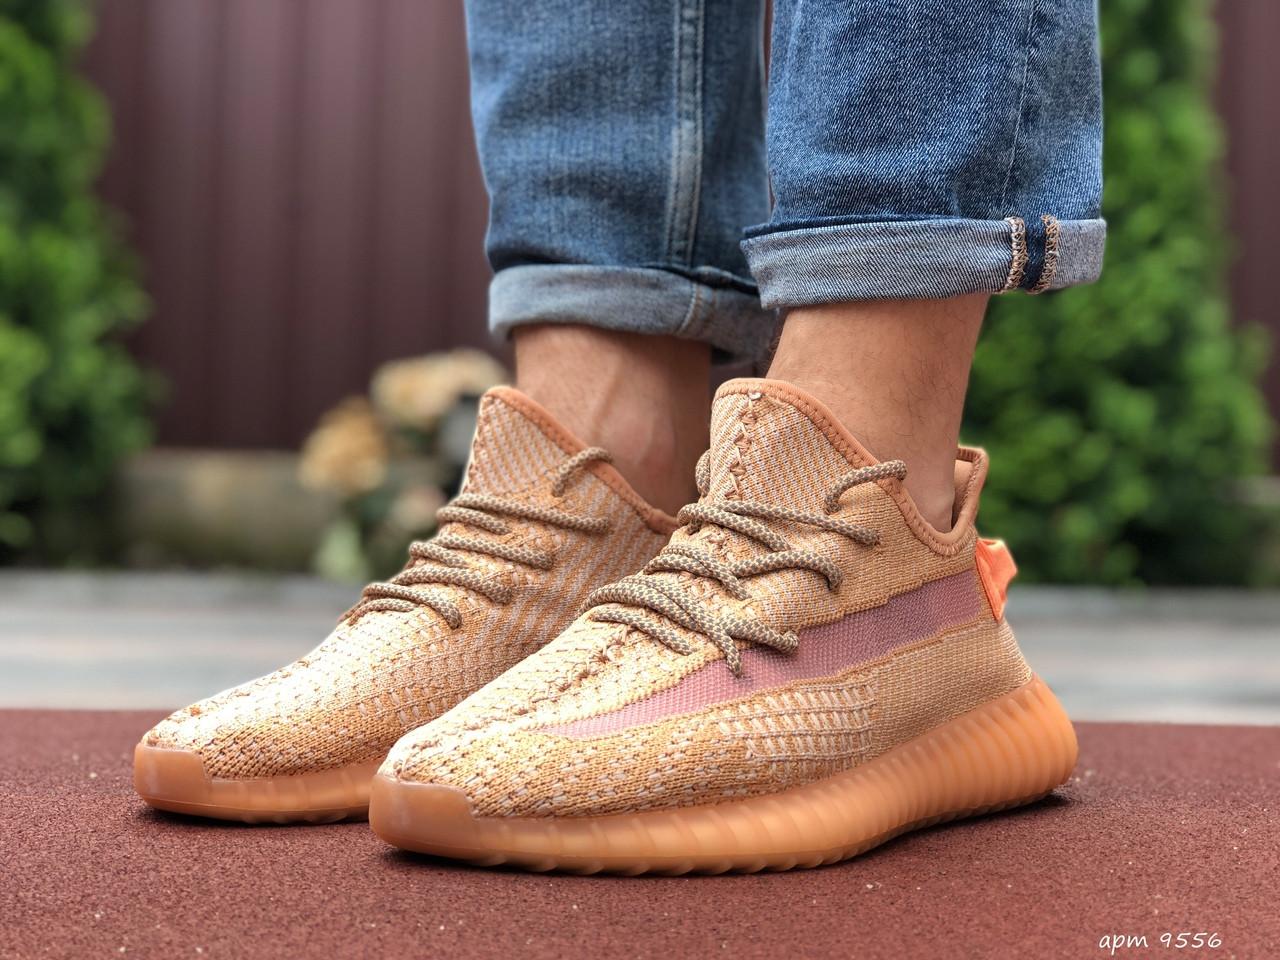 Чоловічі кросівки Yeezy Boost (світло-коралові) 9556